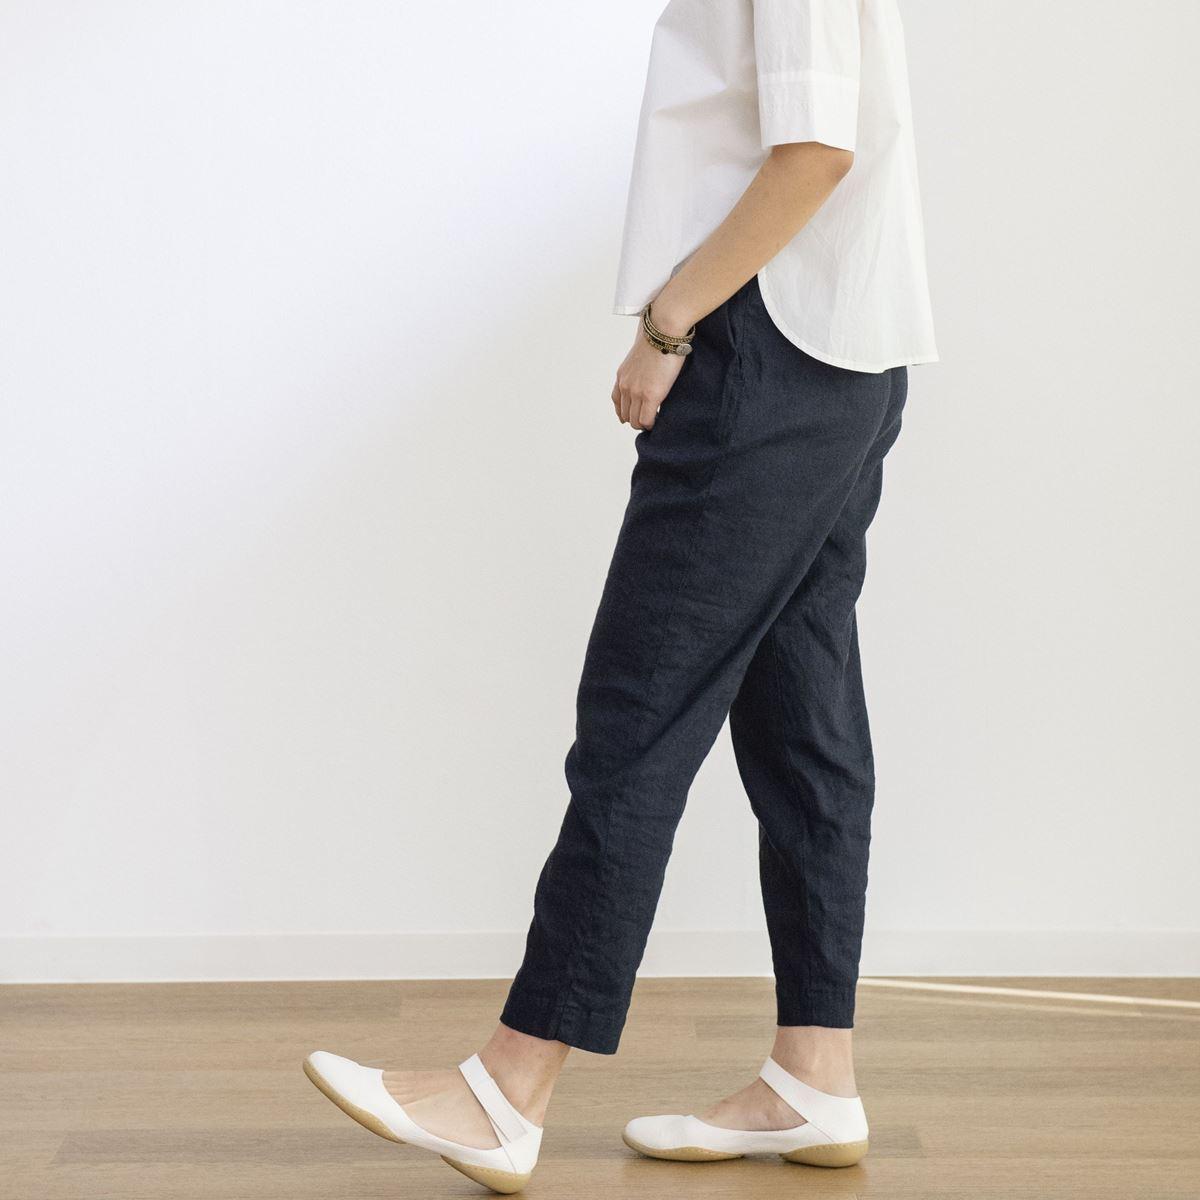 [新入荷][2021春夏]  MAXOU[マクゾゥ]  MA311-3-6356-72BEIGE パンツ ベージュ